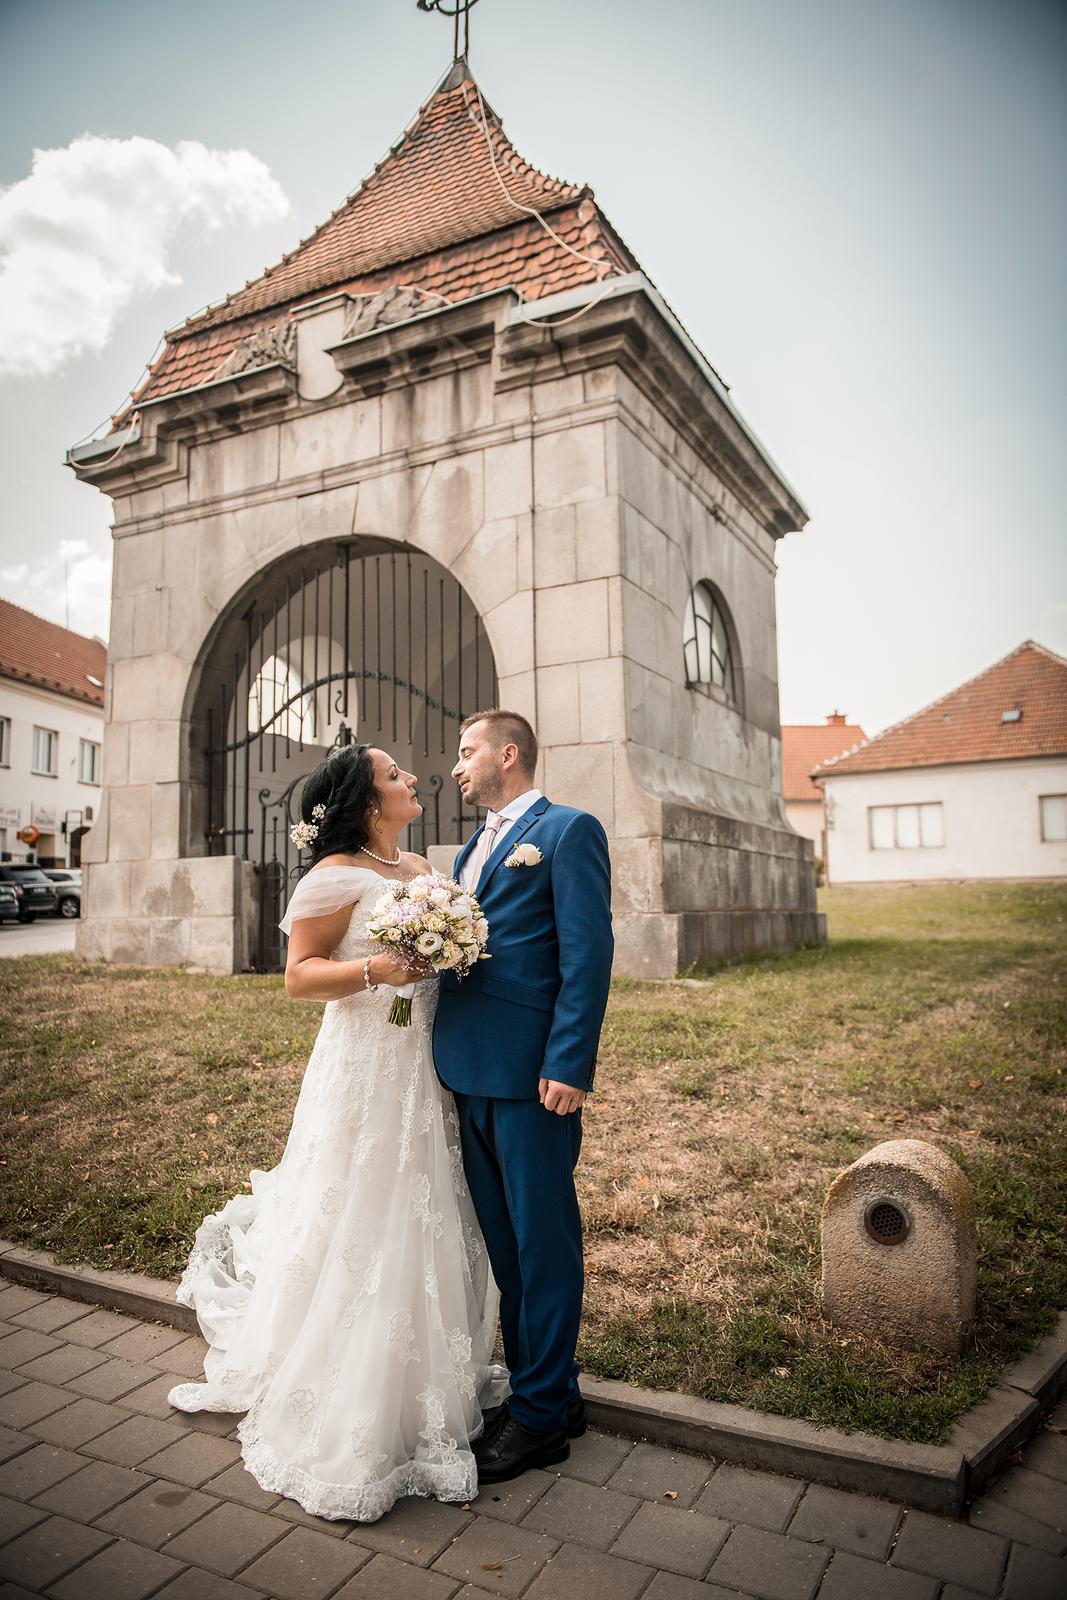 Svadba v Modřicích ♥ 4.8.2018 ♥ - Obrázok č. 8